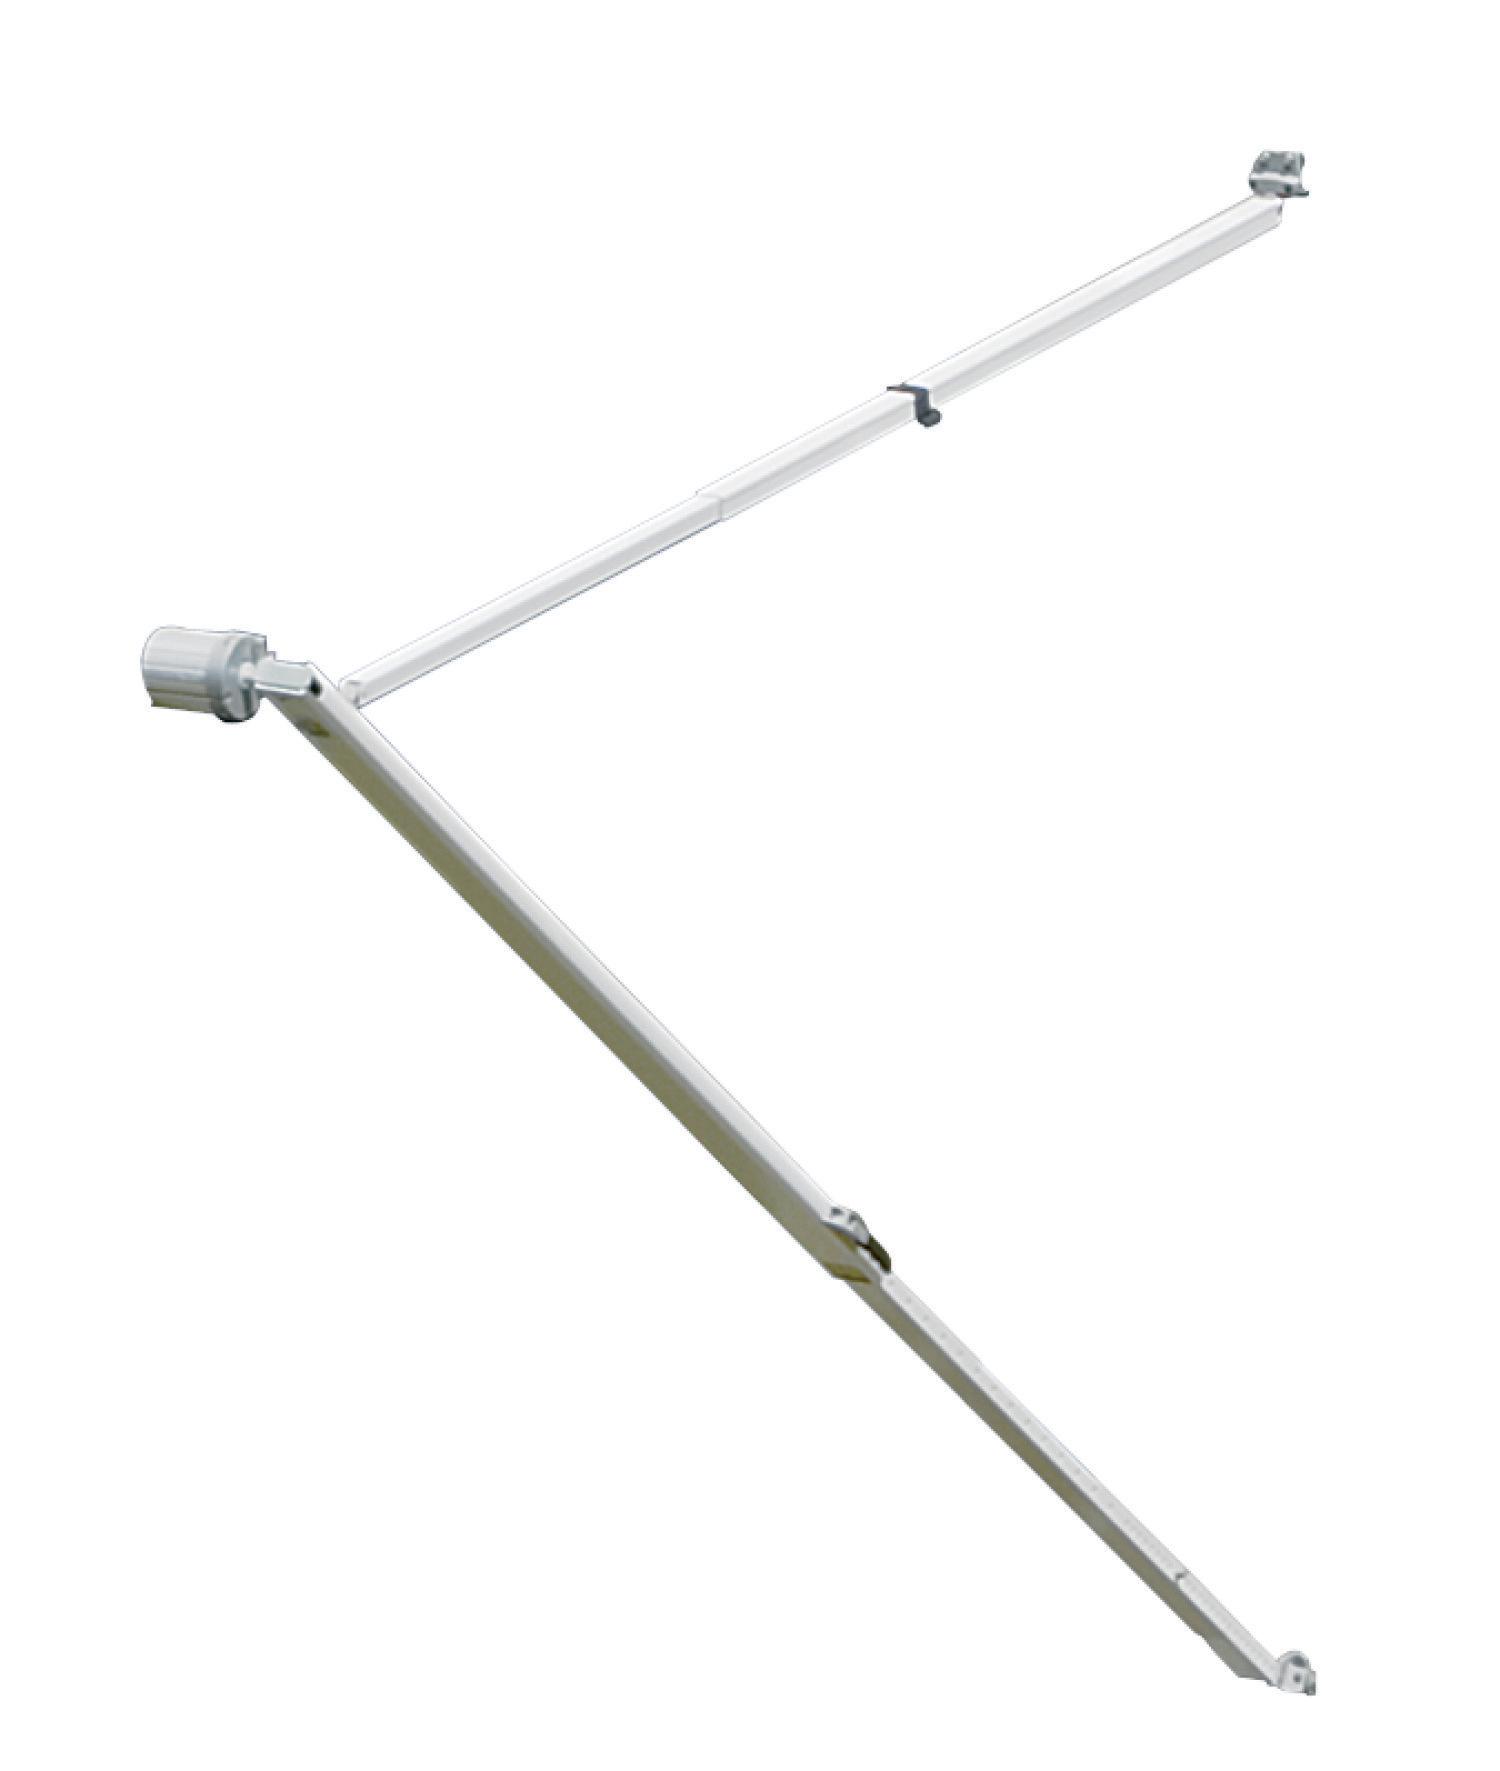 Dometic 8271000.401B Sunchaser Awning Hardware Polar White